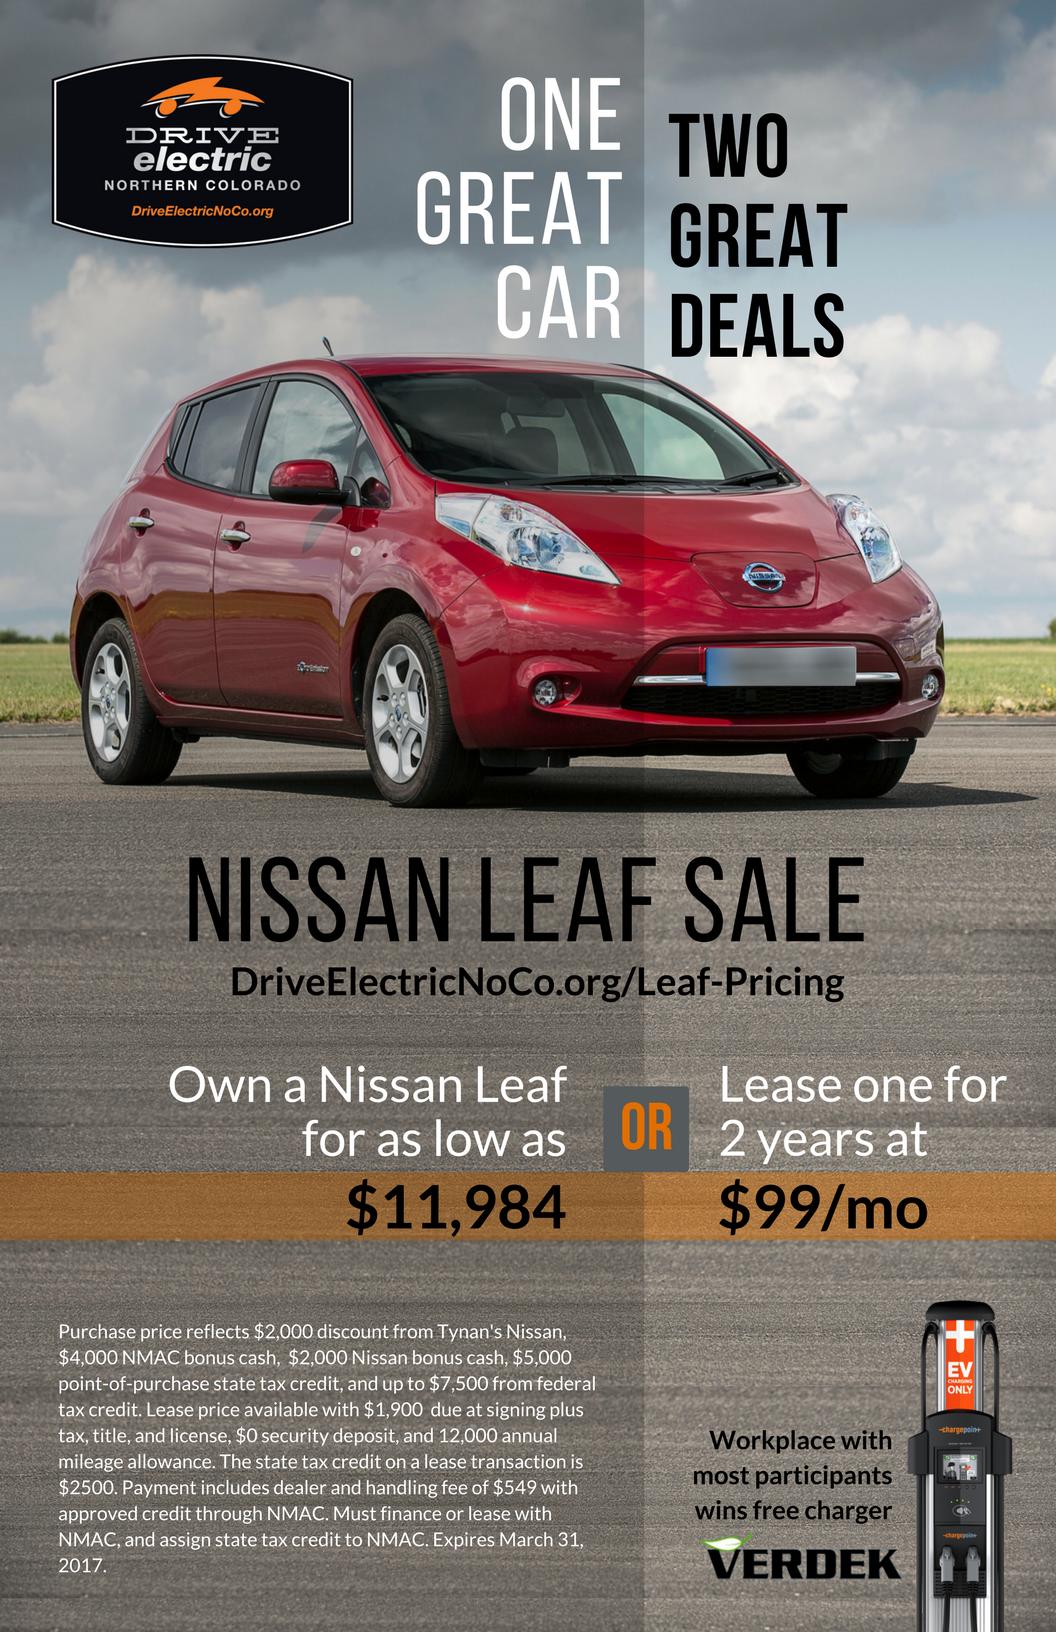 denc-leaf-pricing-1